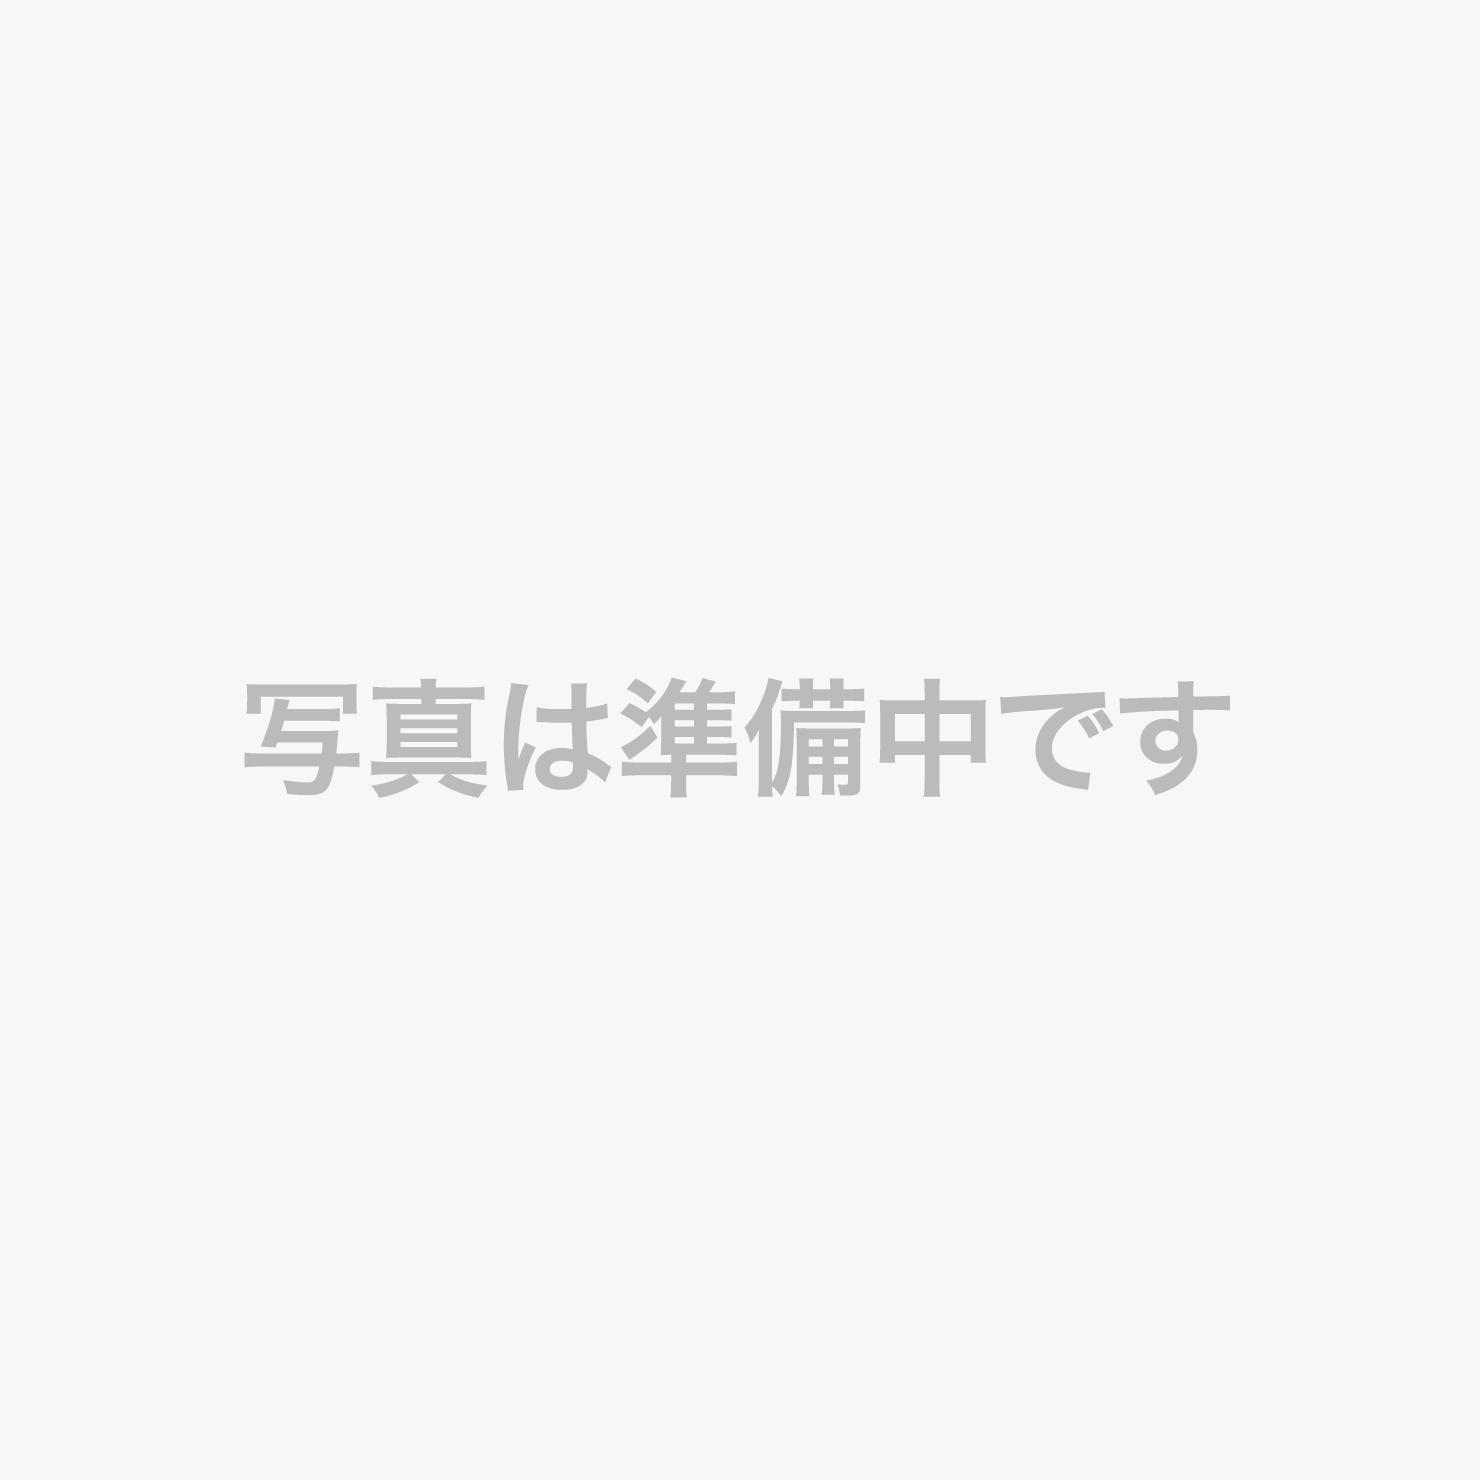 【プラザプレミア・プラザリュクスご宿泊者様限定】リュクスラウンジ(南館34階・10:00~22:00)